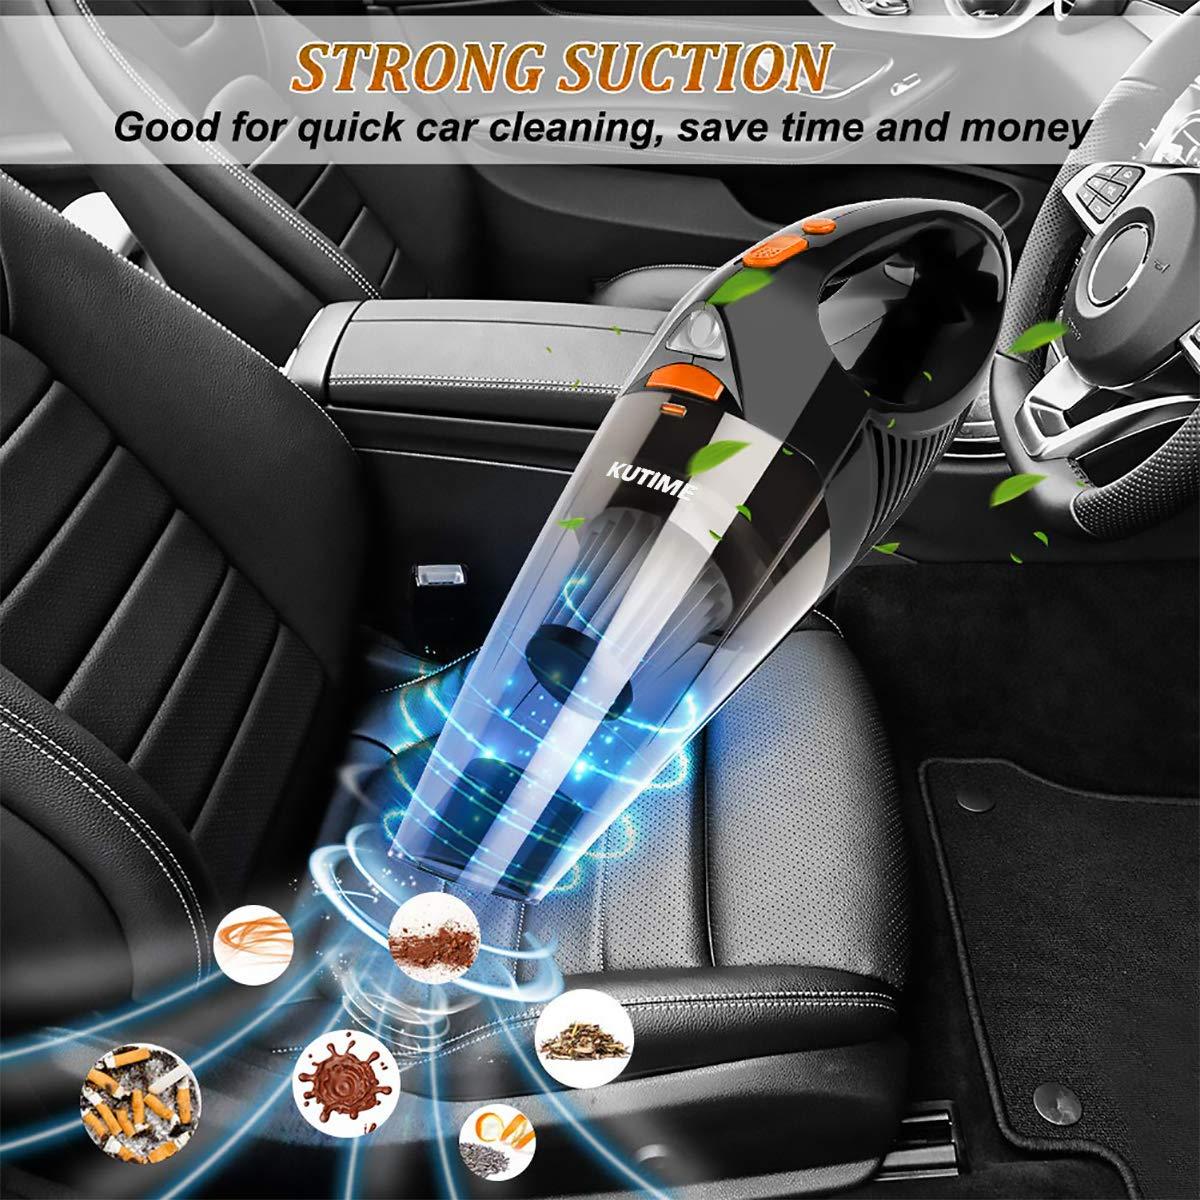 Acciaio Inossidabile HEPA DC 12V Aspirapolvere Portatile per Auto con Cavo di Alimentazione 16.4 Piedi FRUITEAM Aspirapolvere per Auto ad Alta Potenza Aspirapolvere Bagnato con Luce a LED